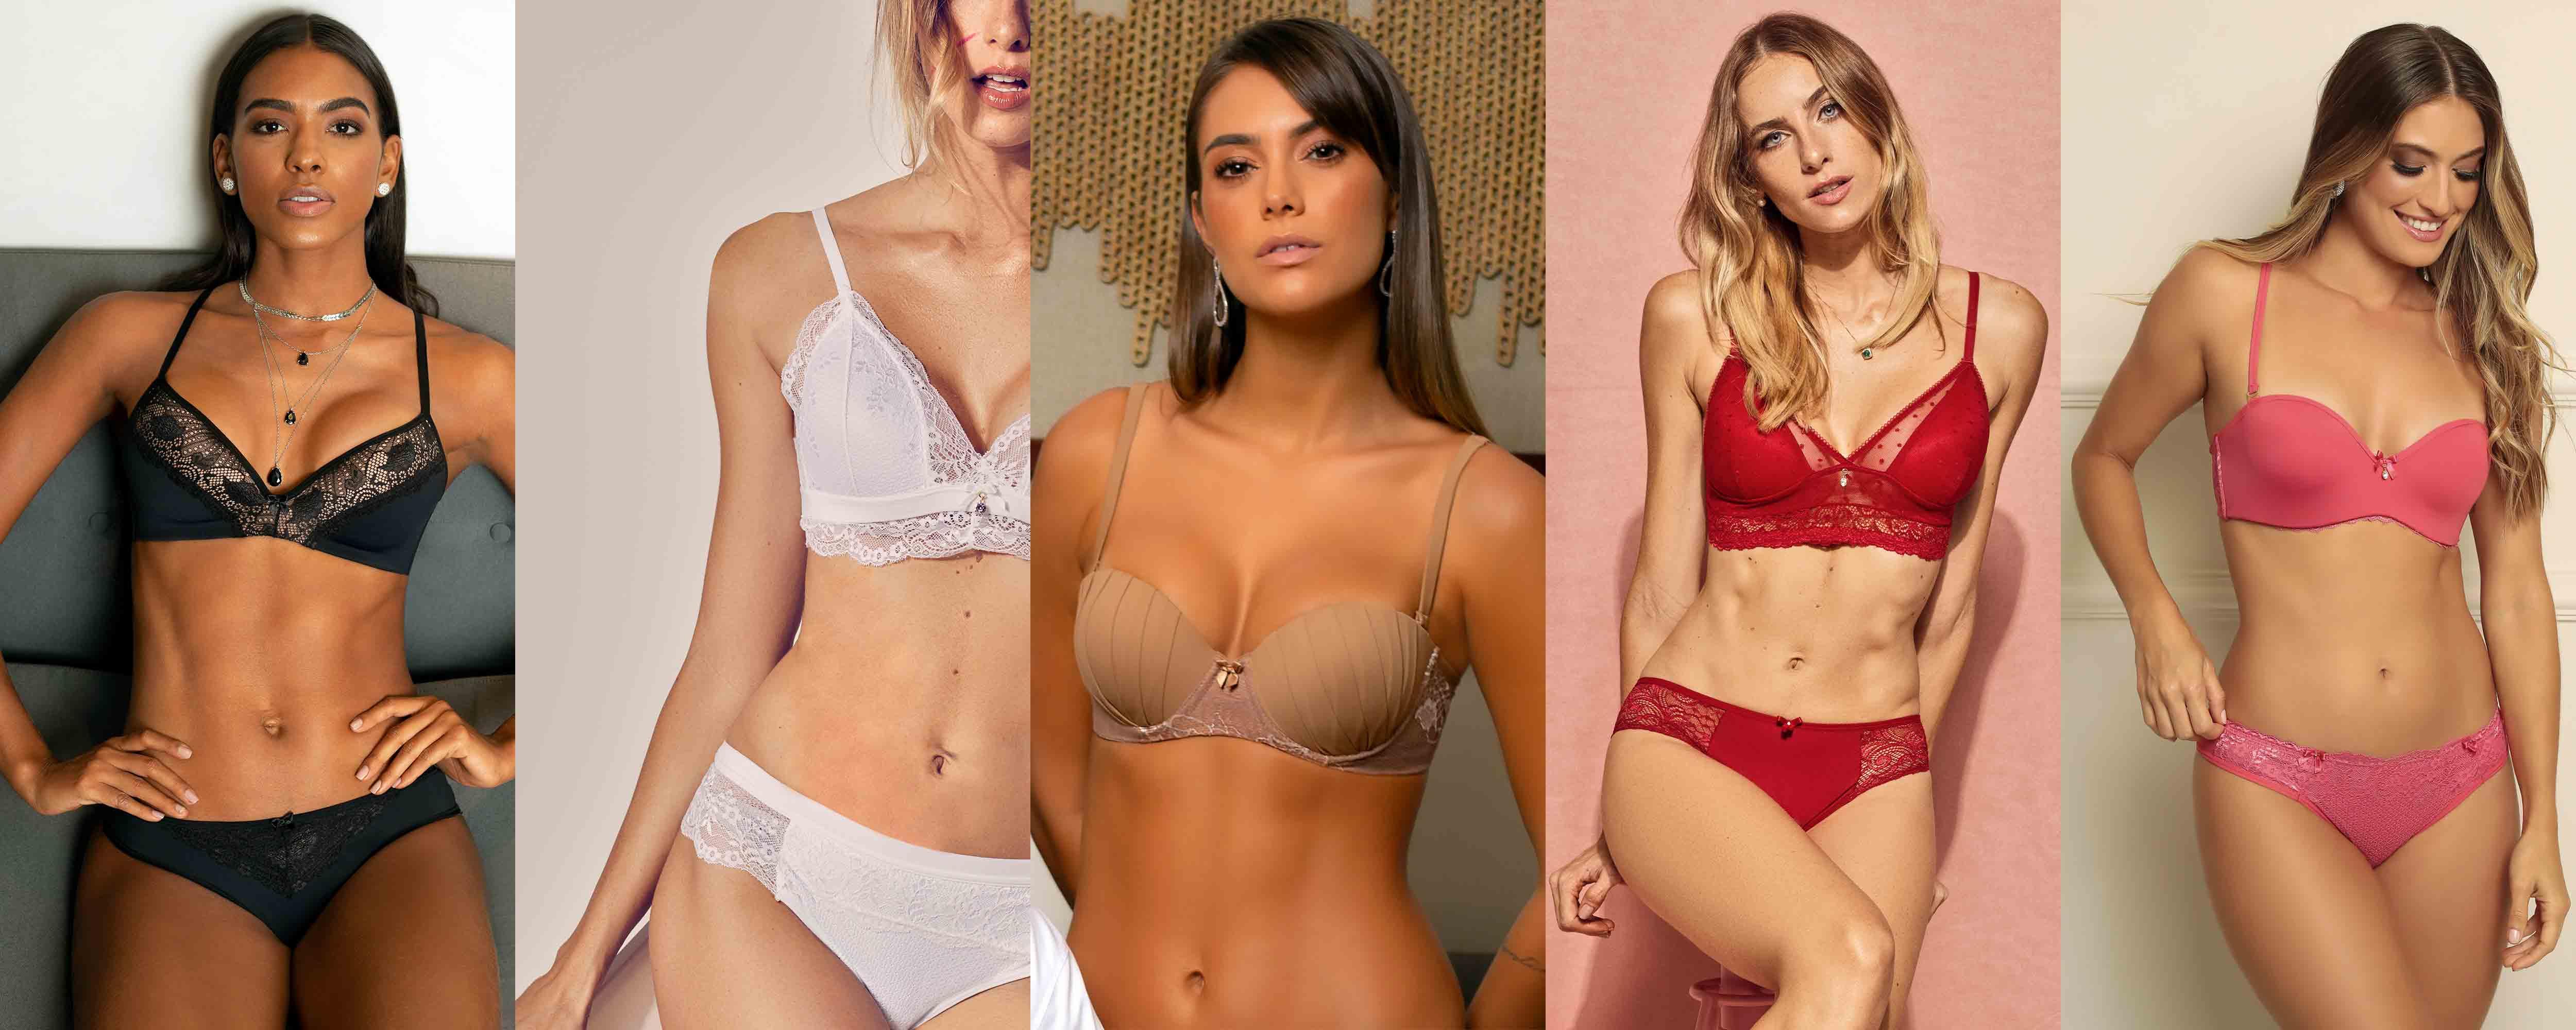 Compilado de modelos usando lingeries Diamantes com cores preta, branca, bege, vermelha e rosa.